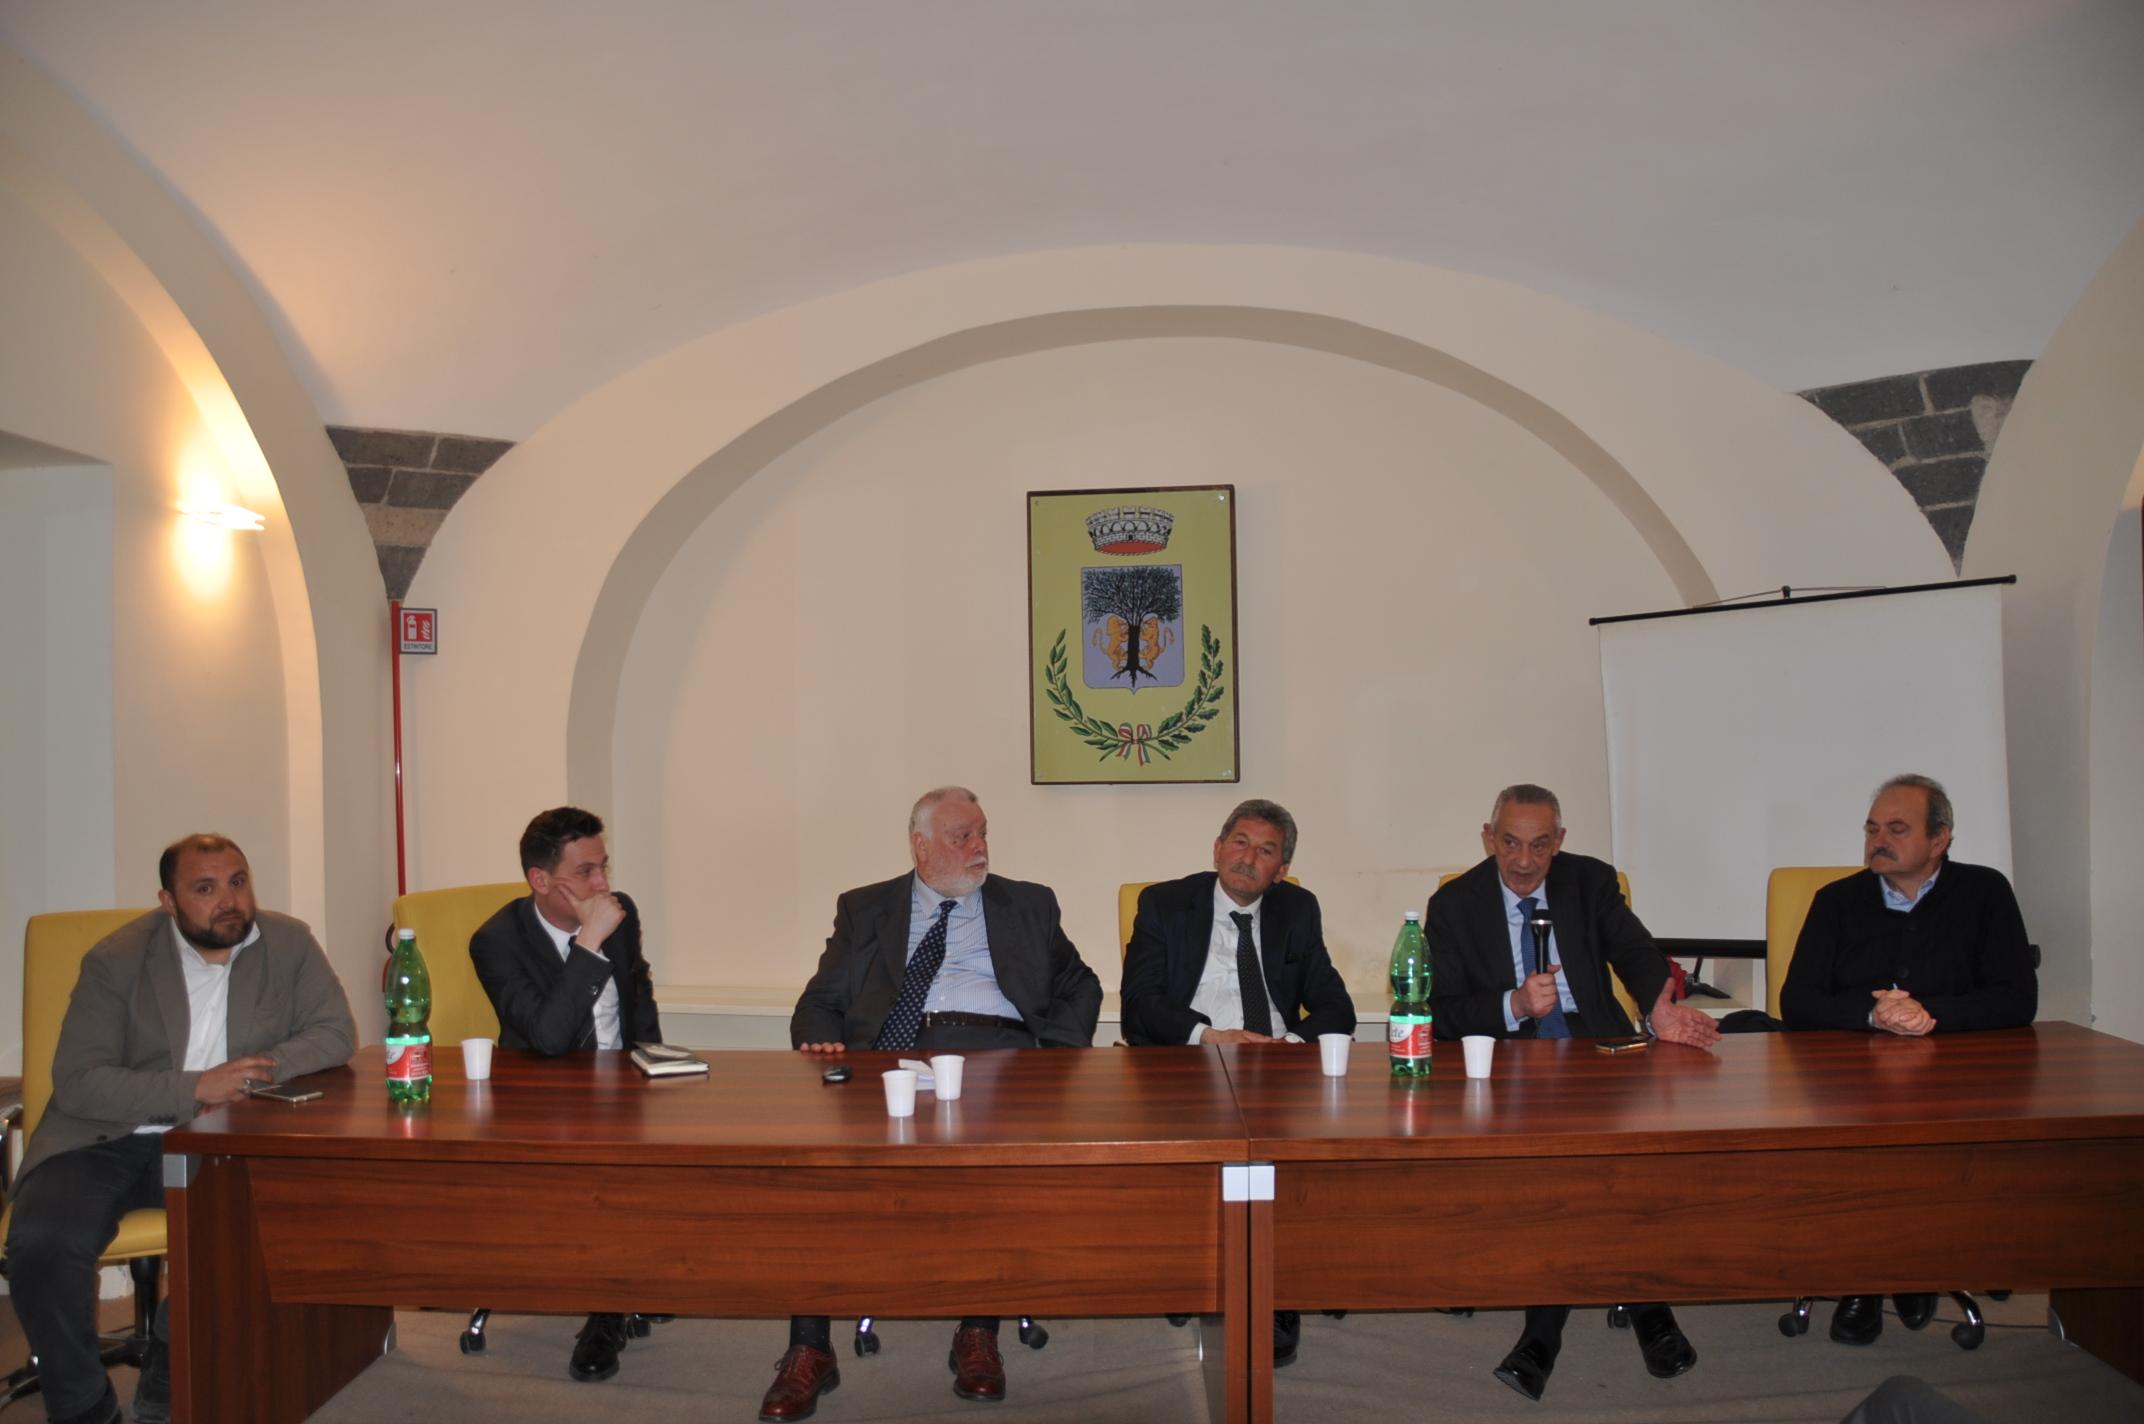 """Amorosi, convegno sulle infrastrutture. Ricci: """"Ok a programmi condivisi di crescita socio-economica"""""""